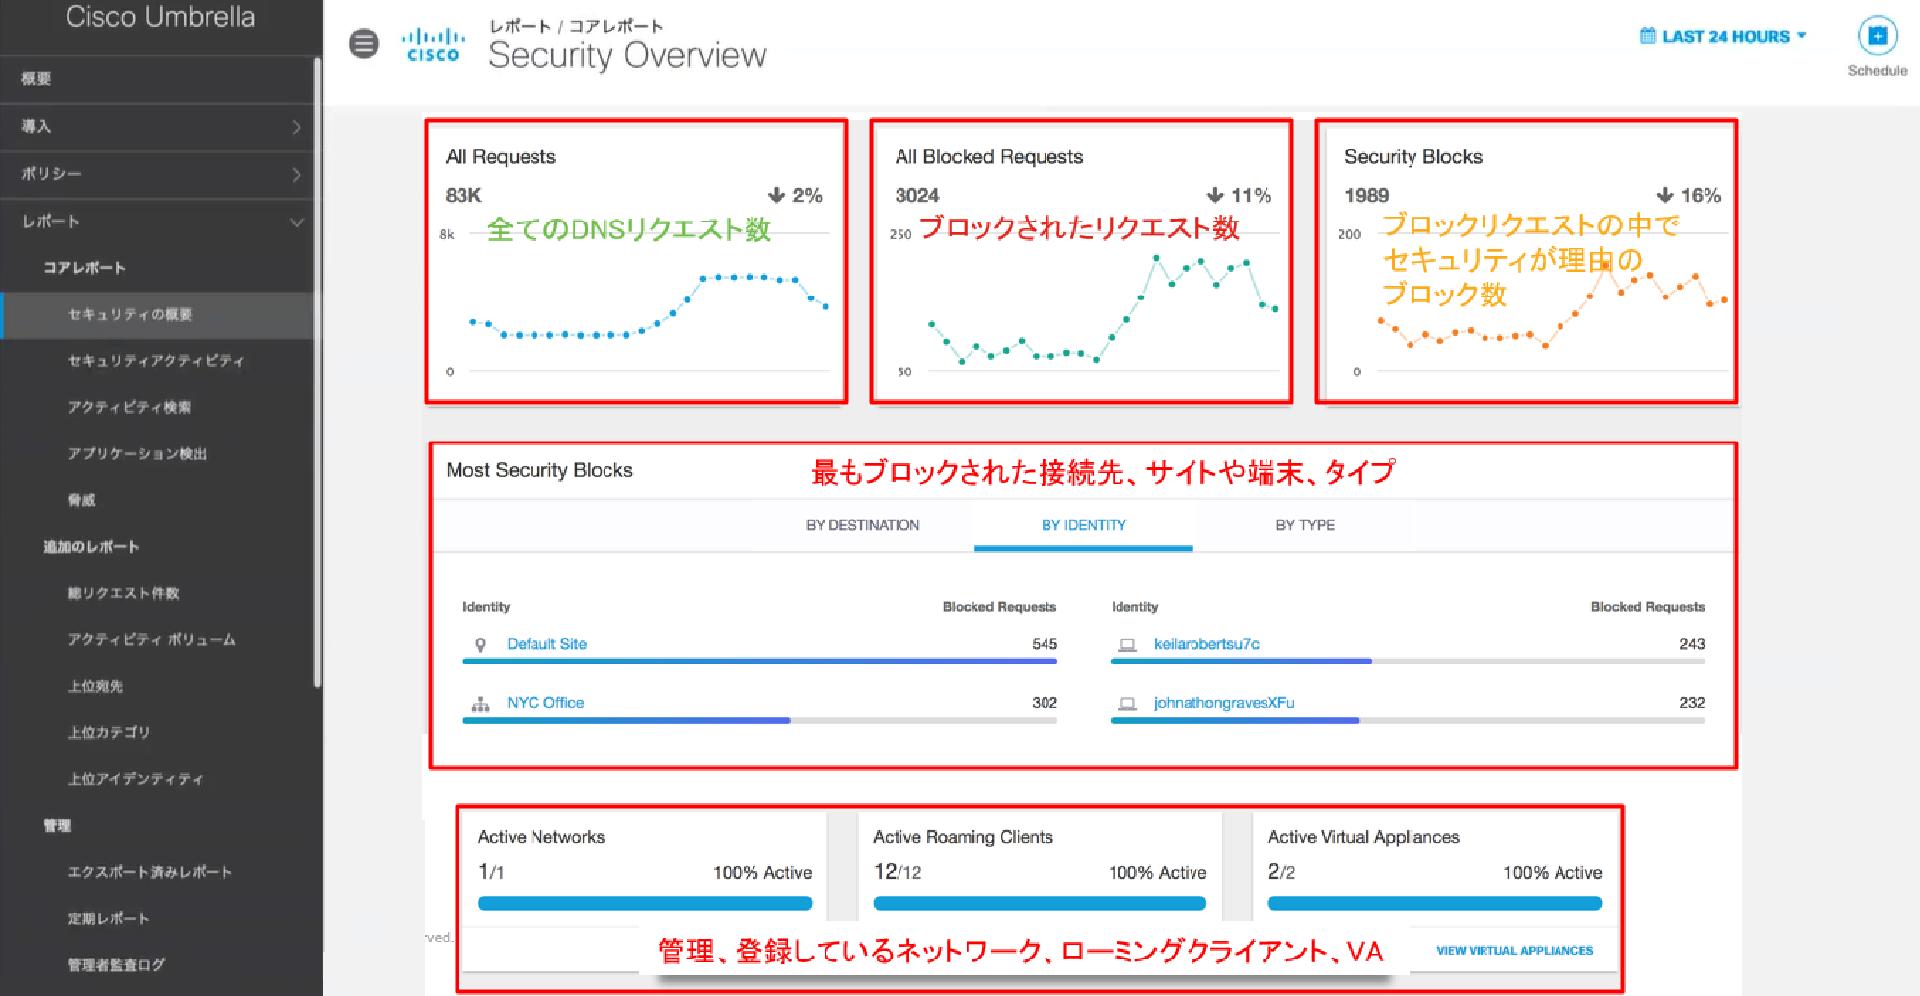 全てのDSNリクエスト数 ブロックされたリクエスト数 ブロックリクエストの中でセキュリティが理由のブロック数 最もブロックされた接続先、サイトや端末、タイプ 管理、登録しているネットワーク、ローミングクライアント、VA